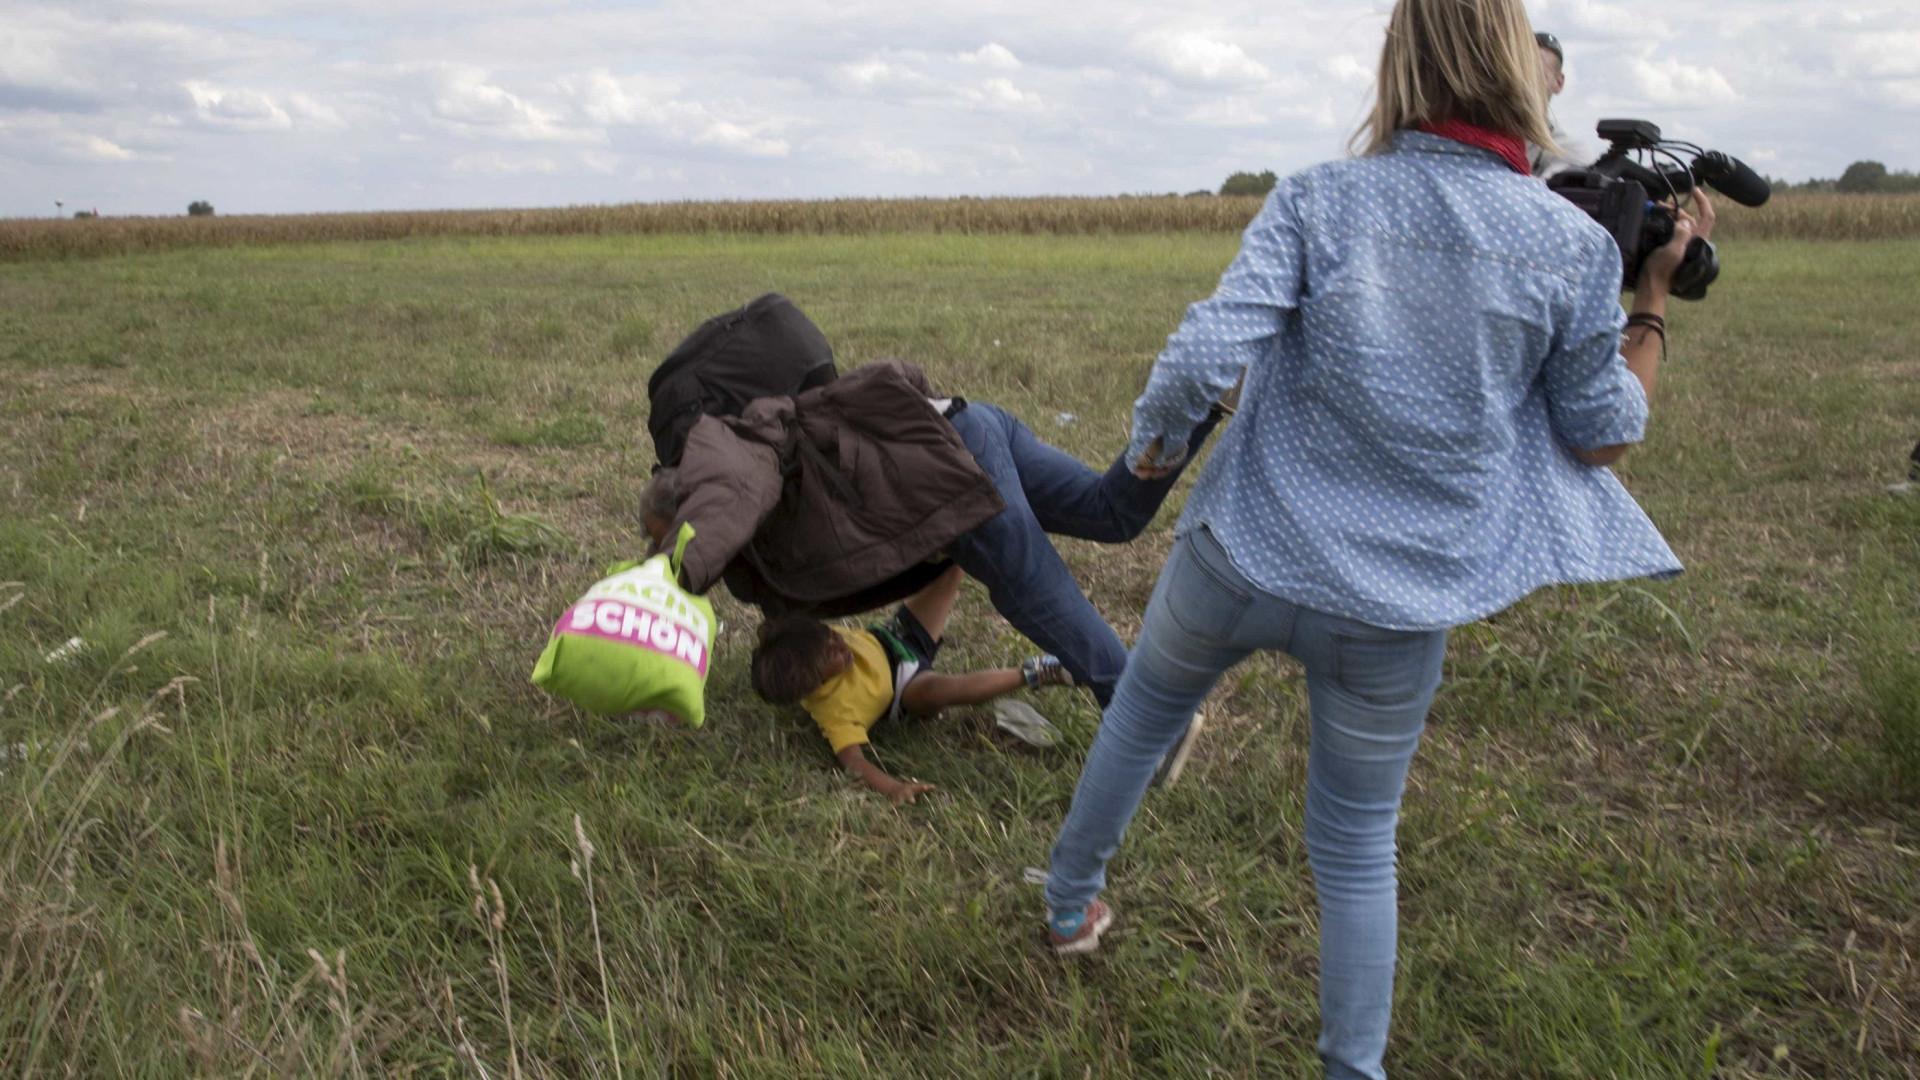 Jornalista que deu rasteira em imigrantes é absolvida na Hungria